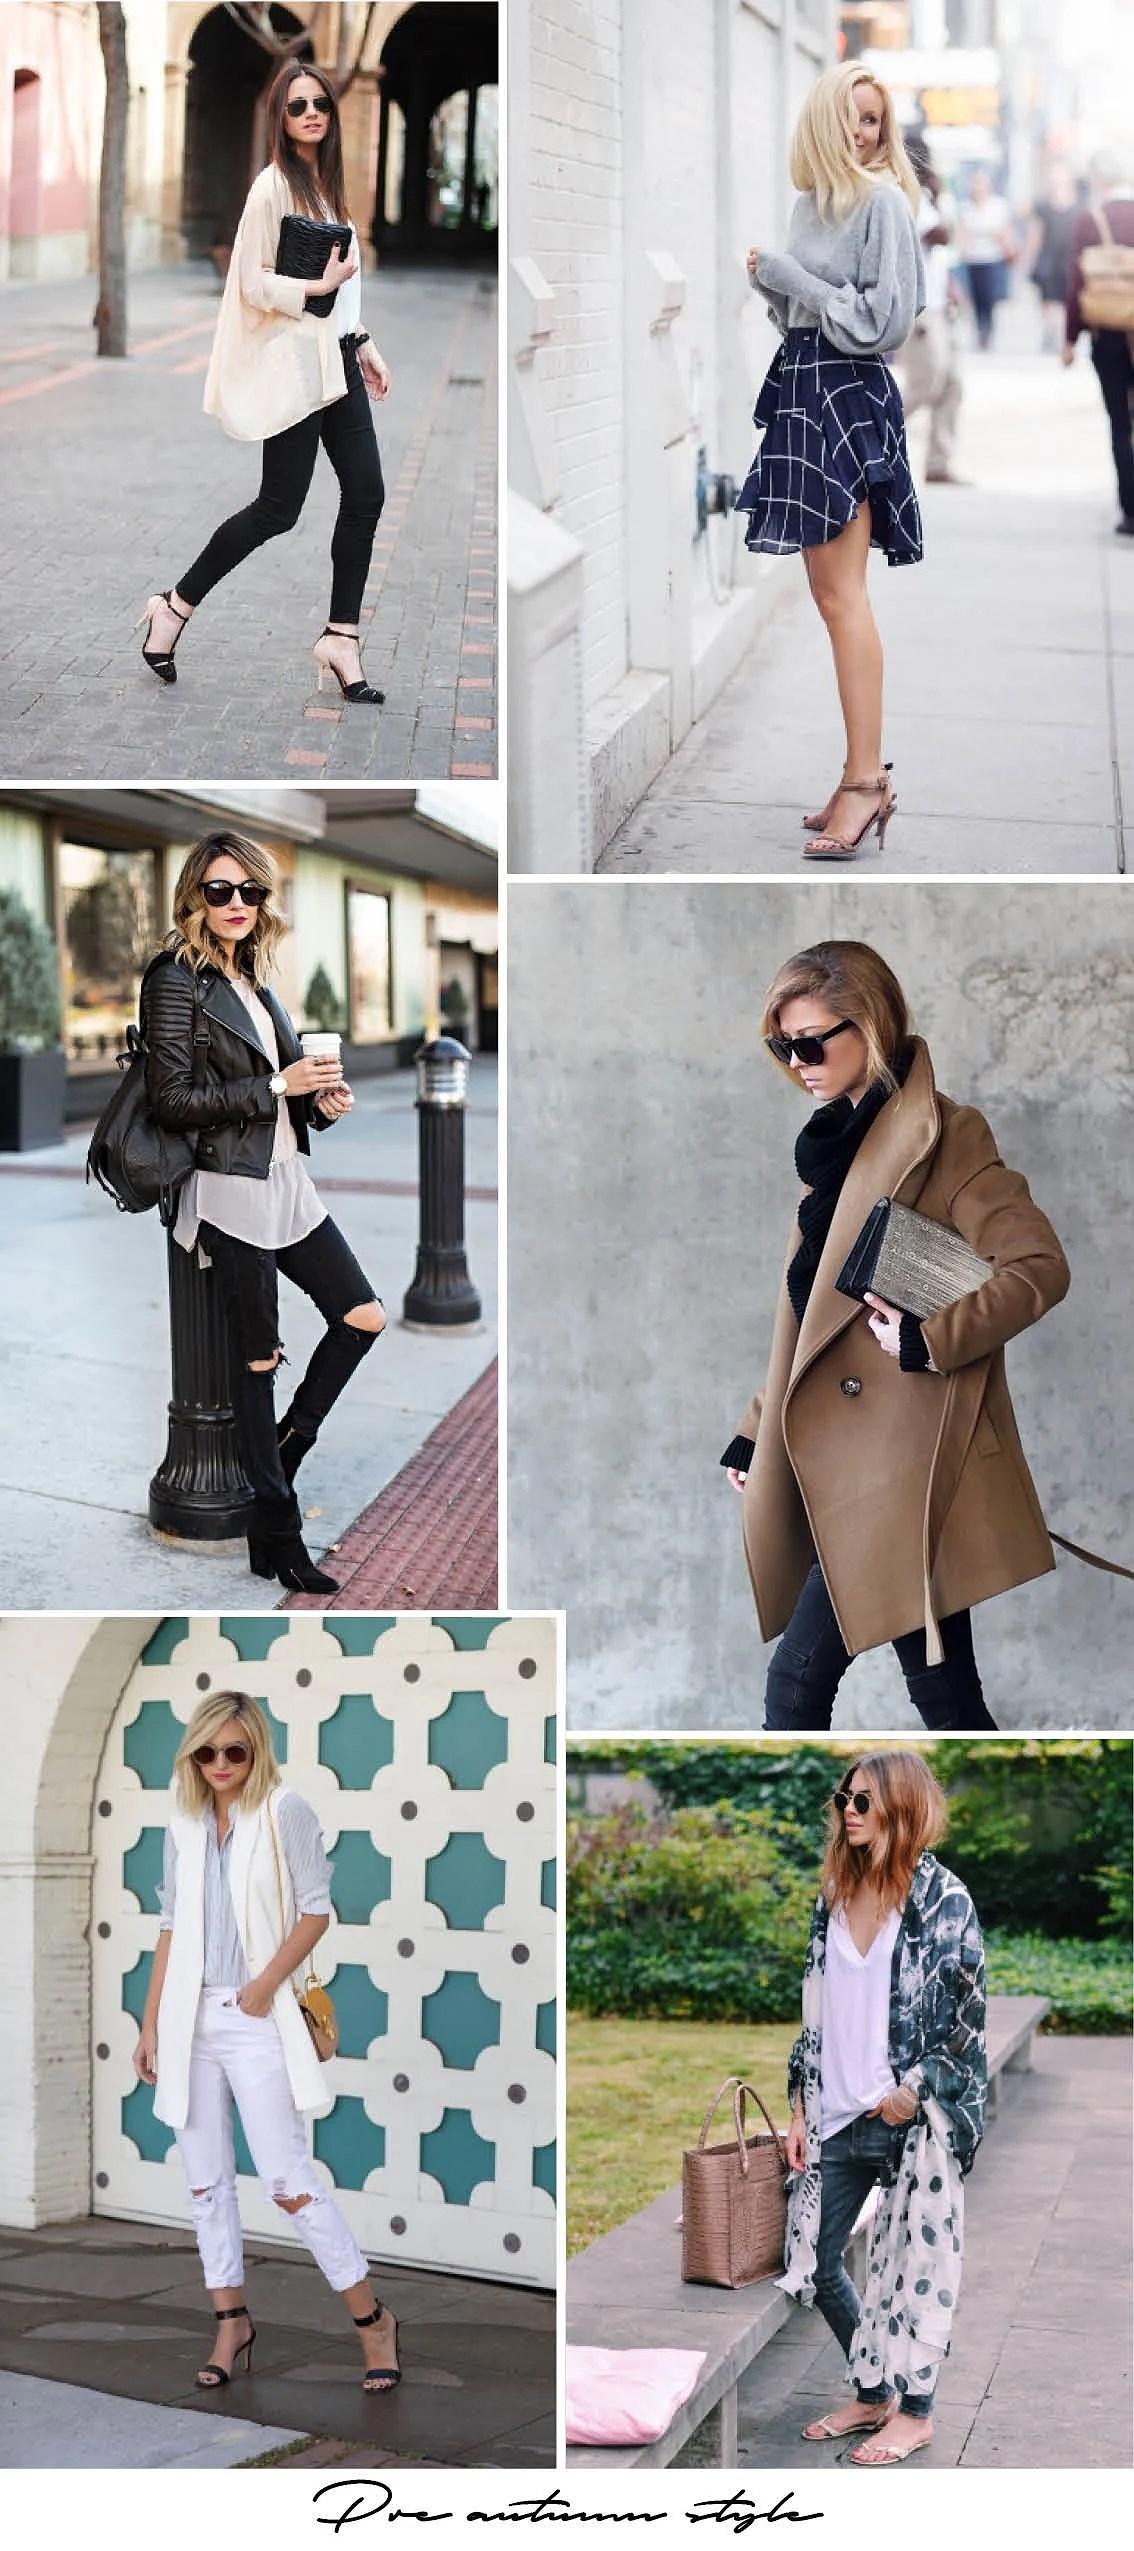 Sensommerlook, Sensommer outfit, Sensommer tøj, Outfits, Modeblogger, Dansk modeblogger, Dansk modeblog, It's My Passions, Julie Mænnchen, Stil